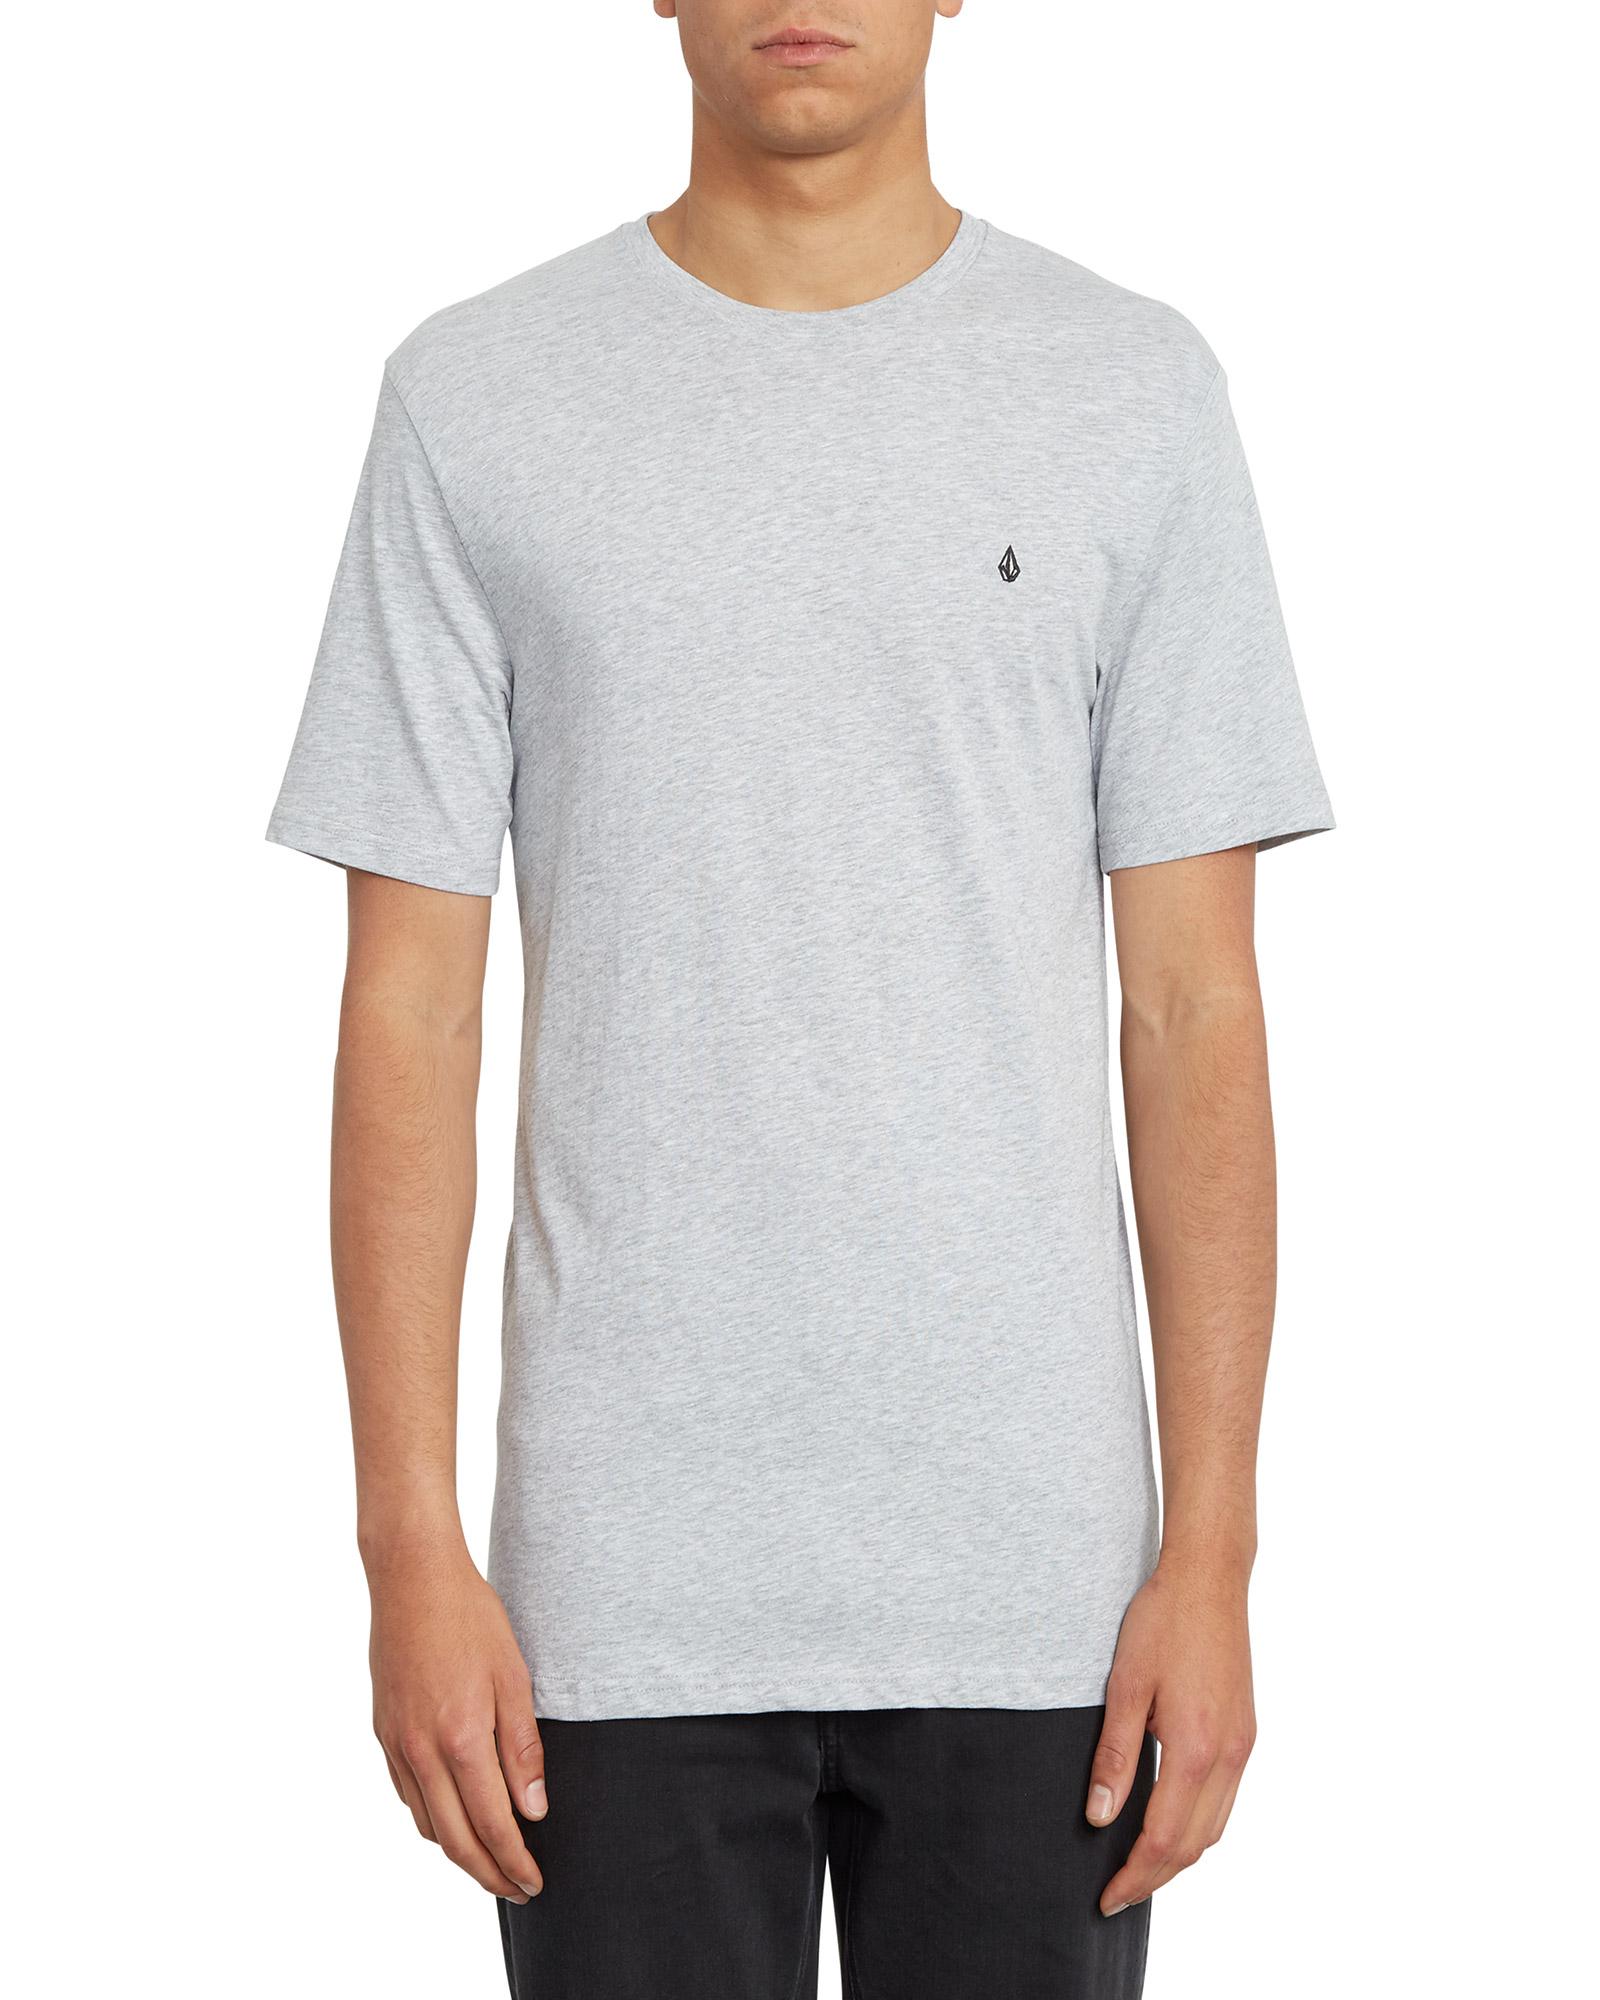 Volcom Men's Stone Blanks BSC Short Sleeve T-Shirt 0